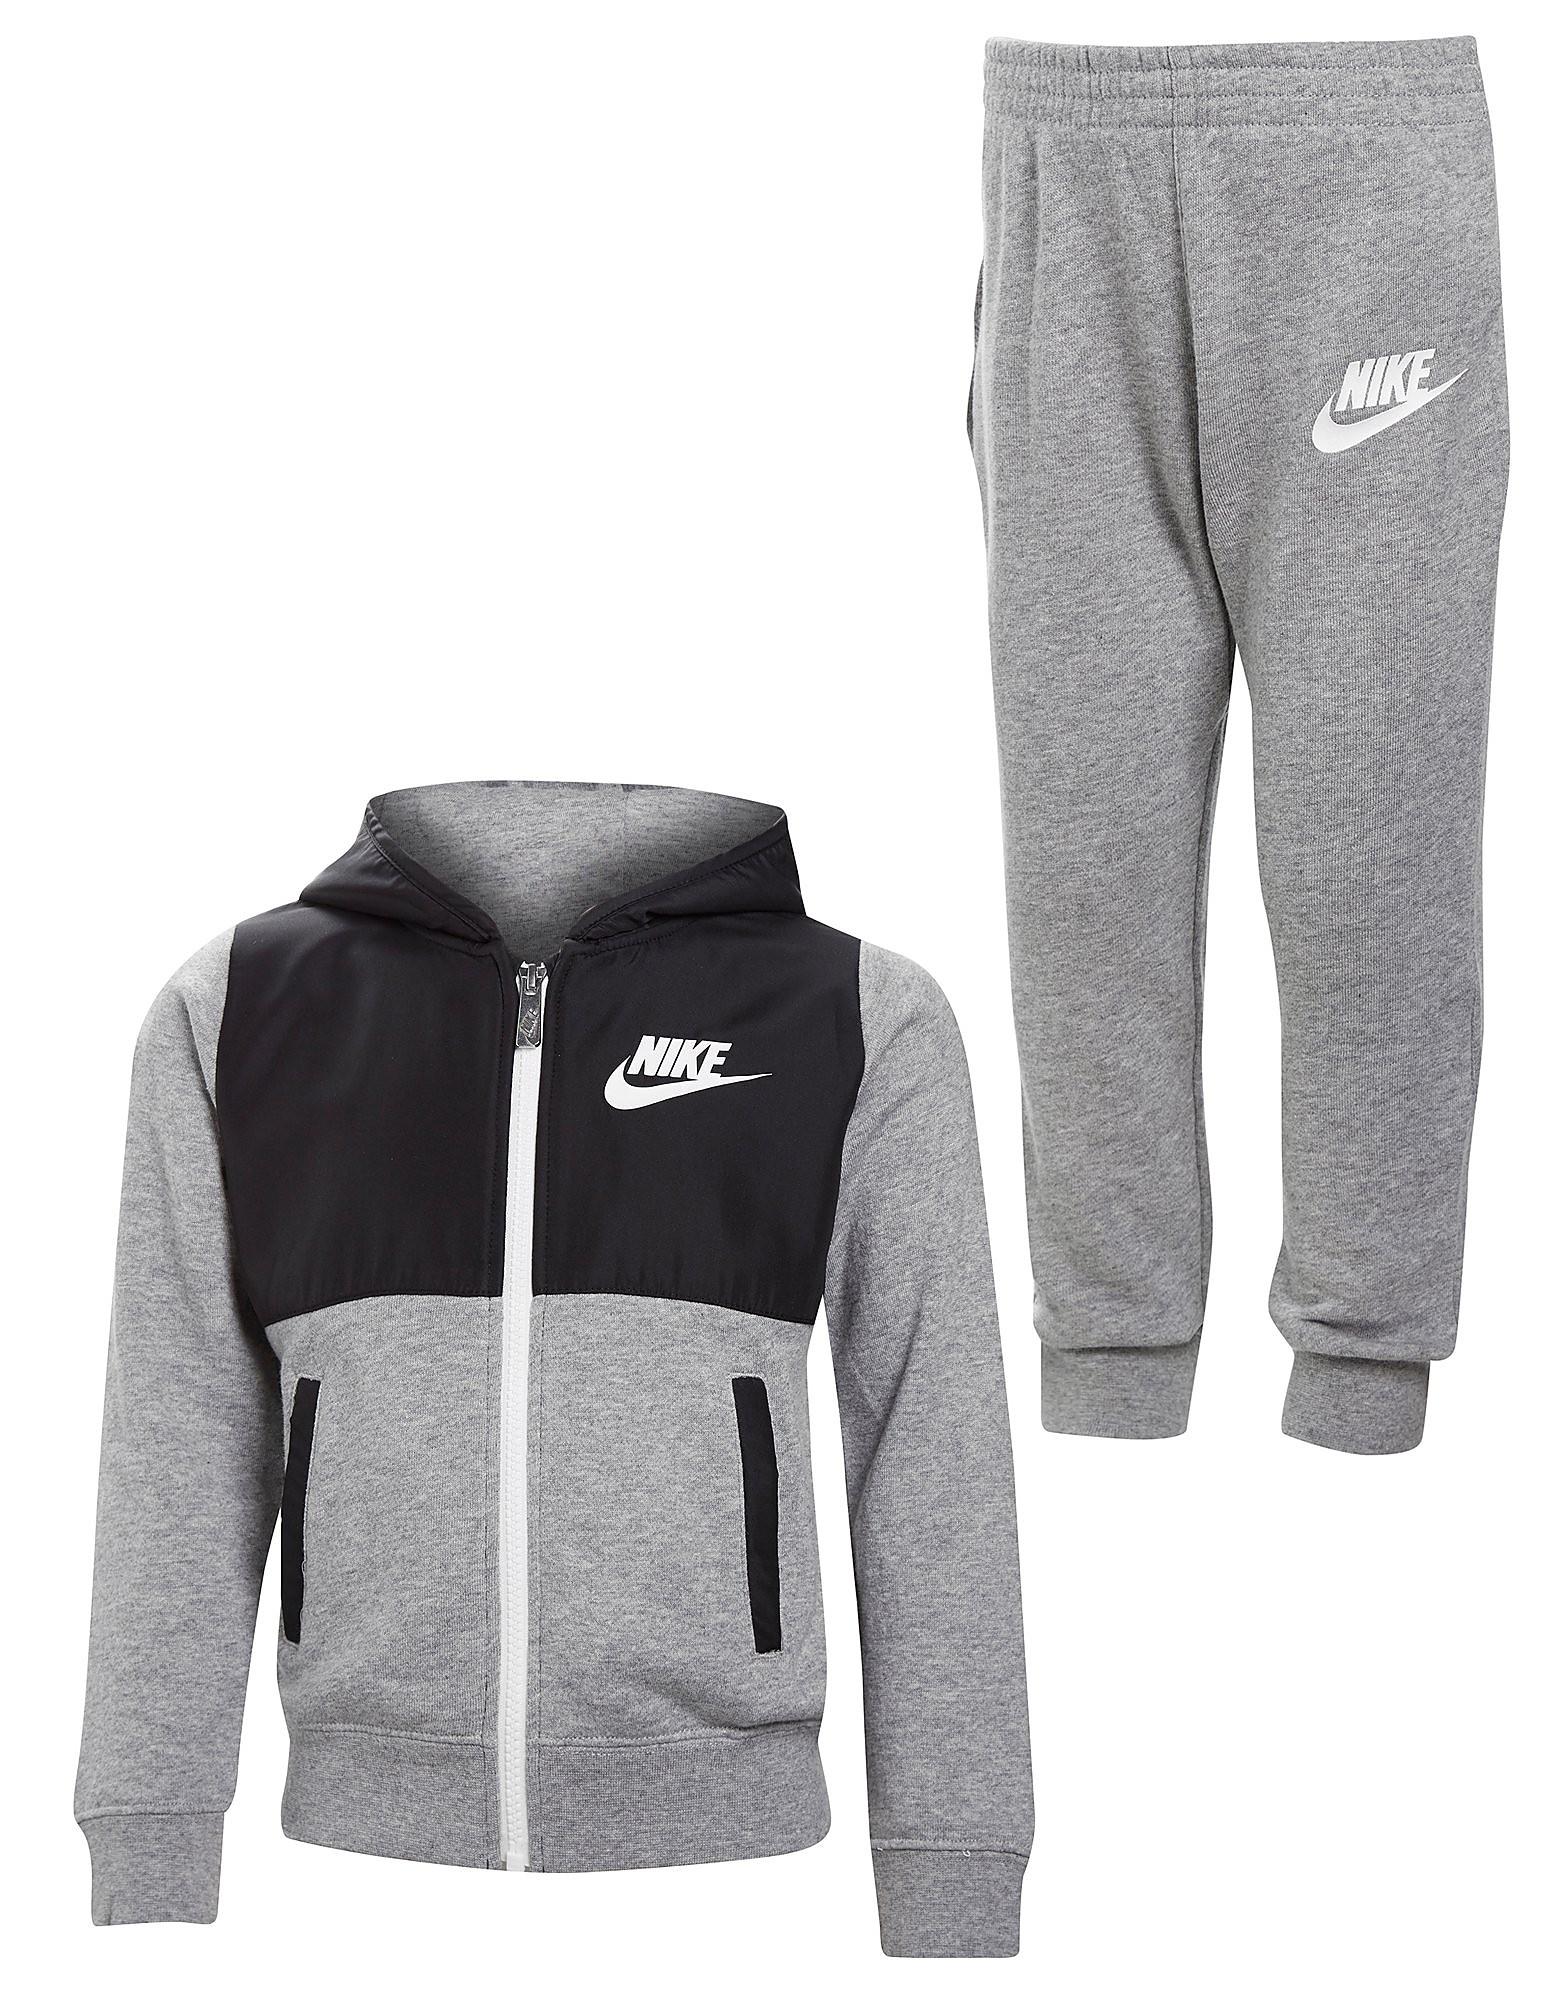 Nike Hybrid Tracksuit Children